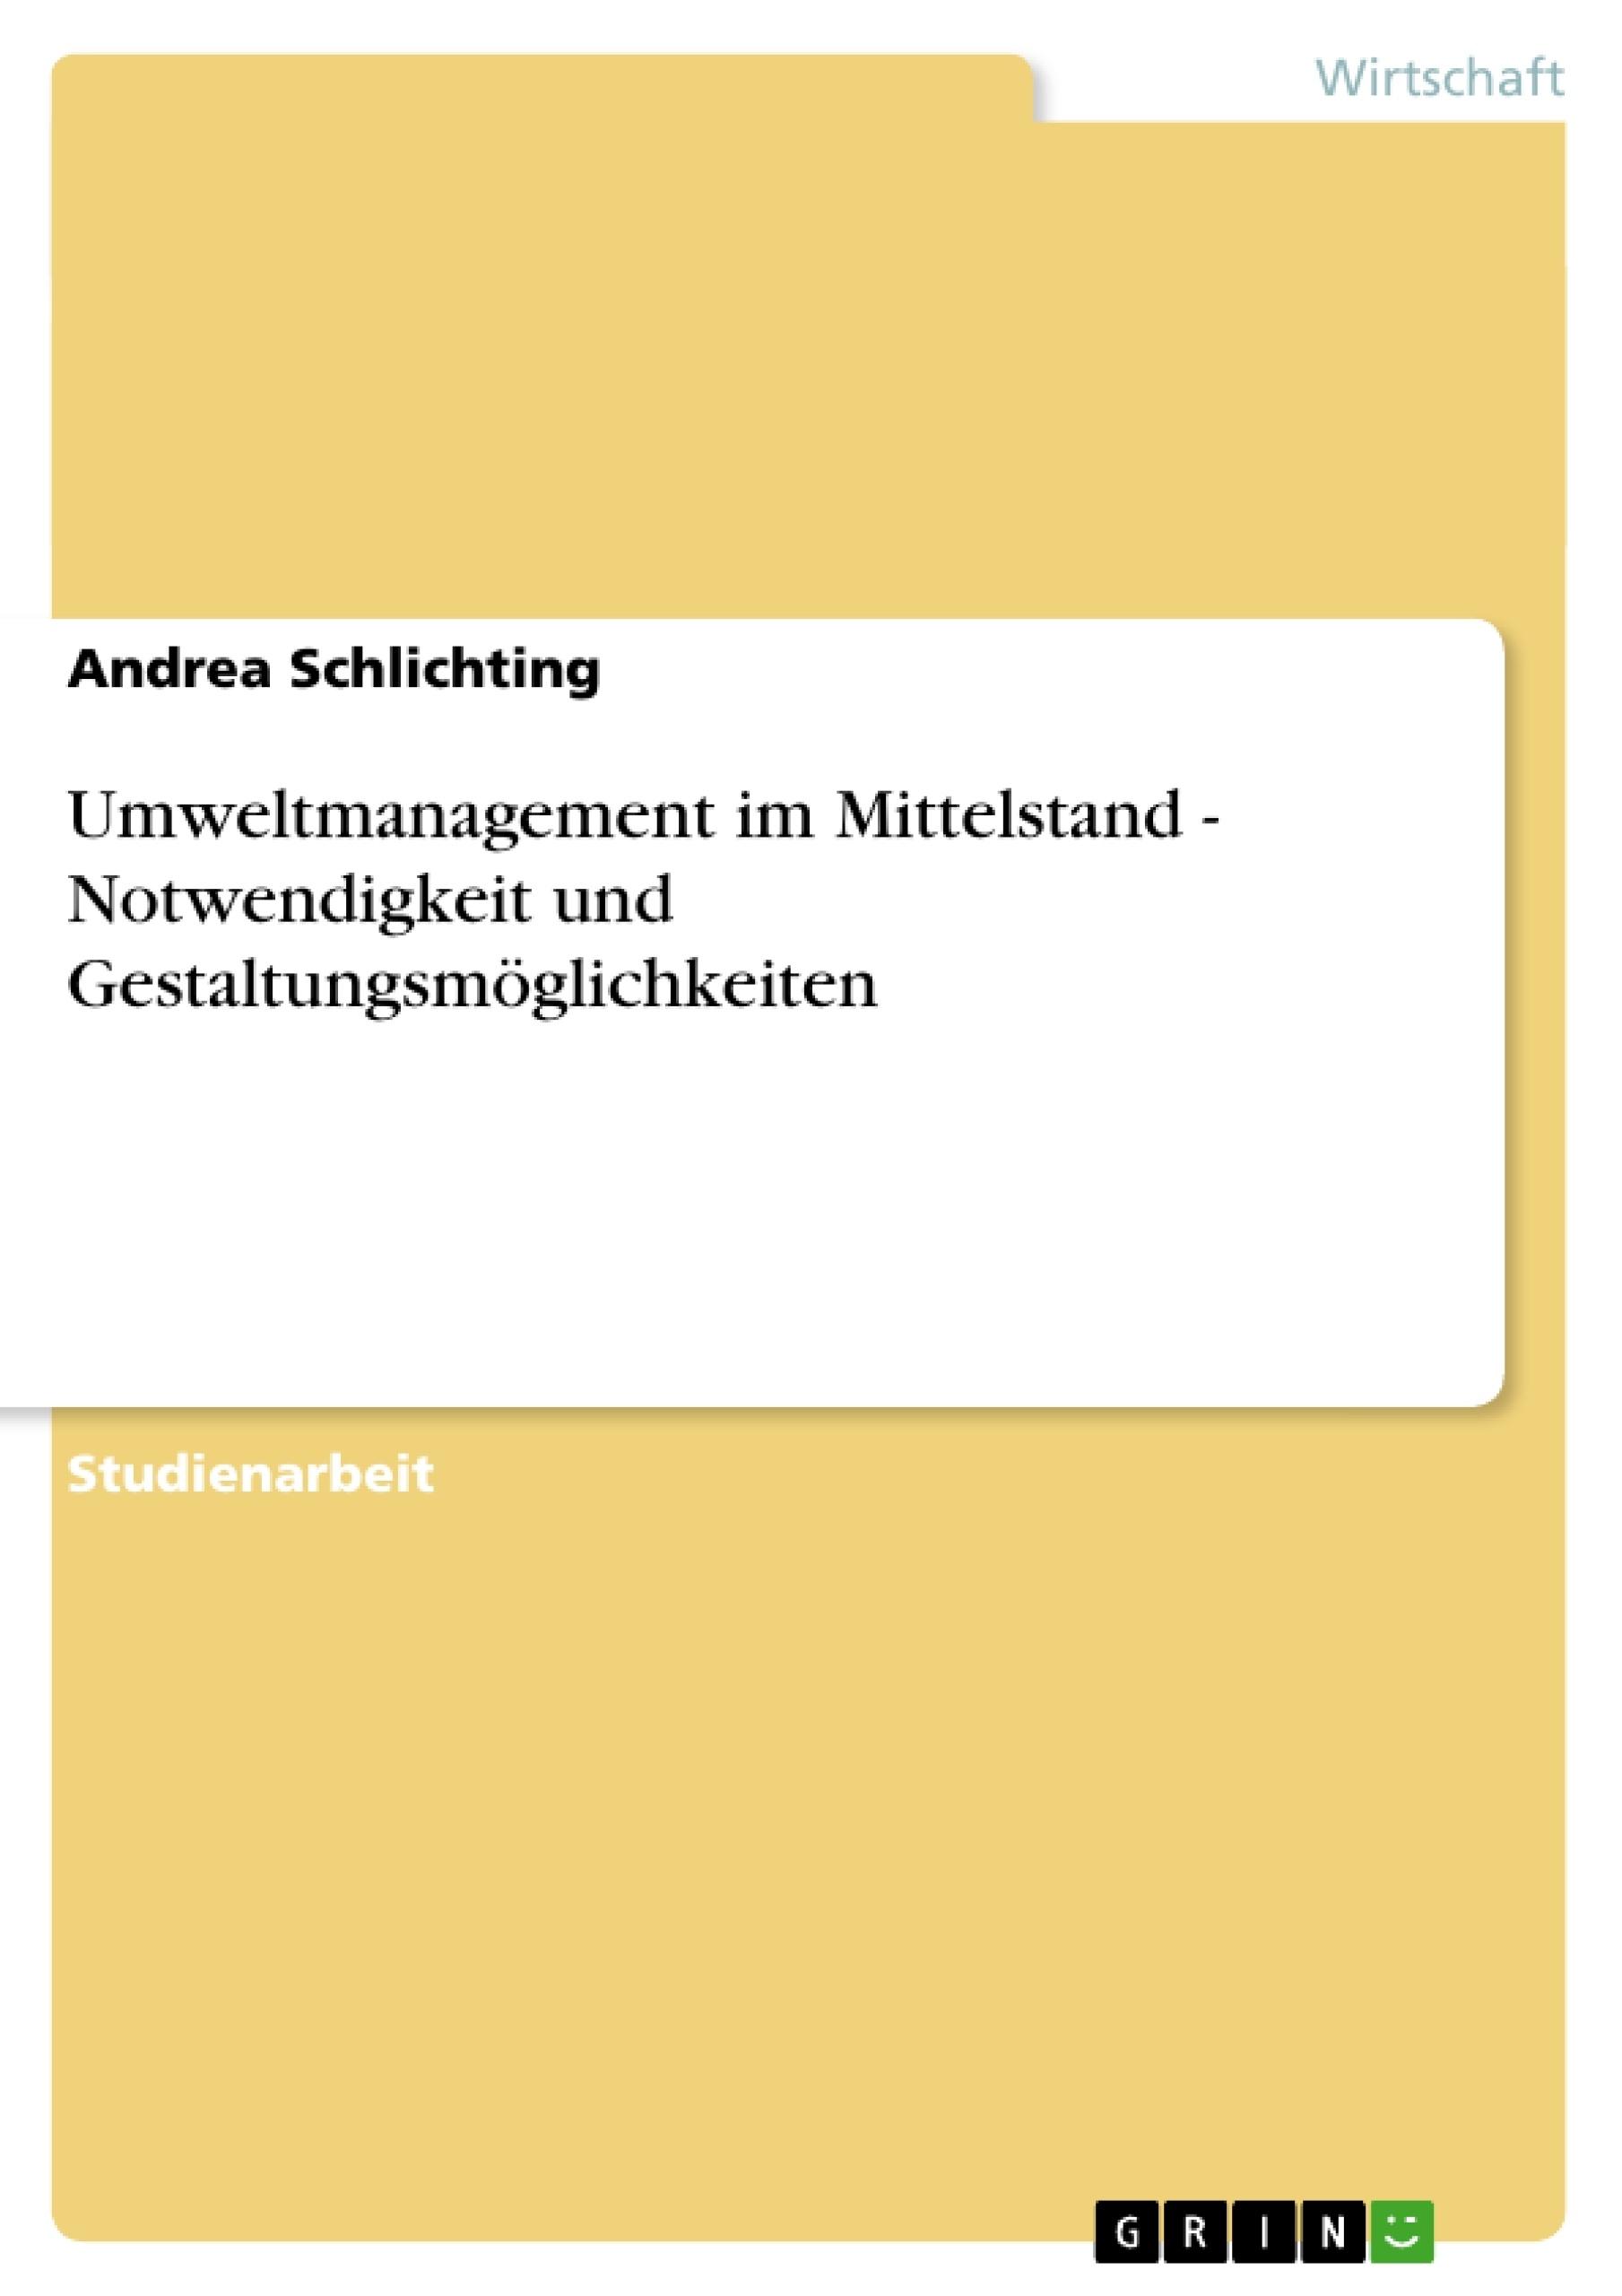 Titel: Umweltmanagement im Mittelstand - Notwendigkeit und Gestaltungsmöglichkeiten